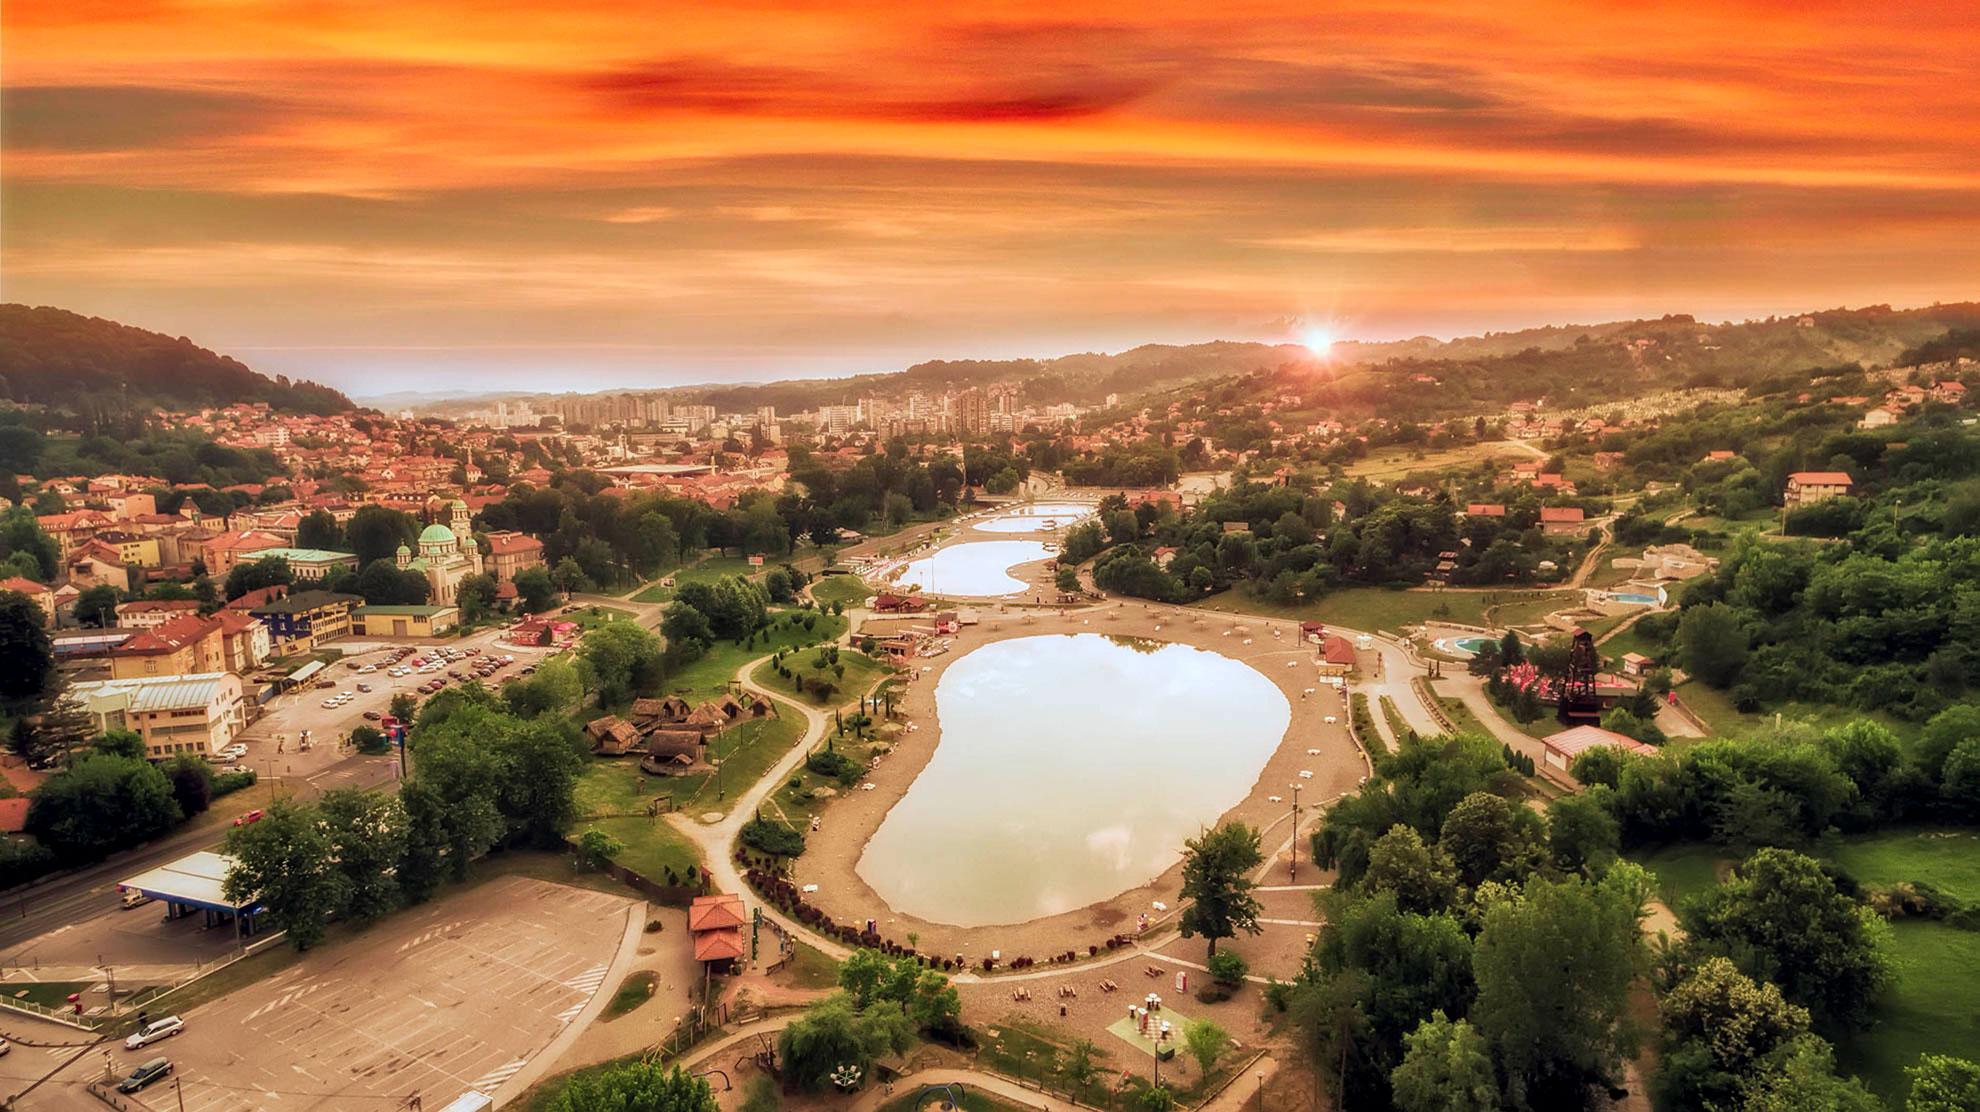 Kompleks Panonskih jezera i turistička ponuda Tuzle